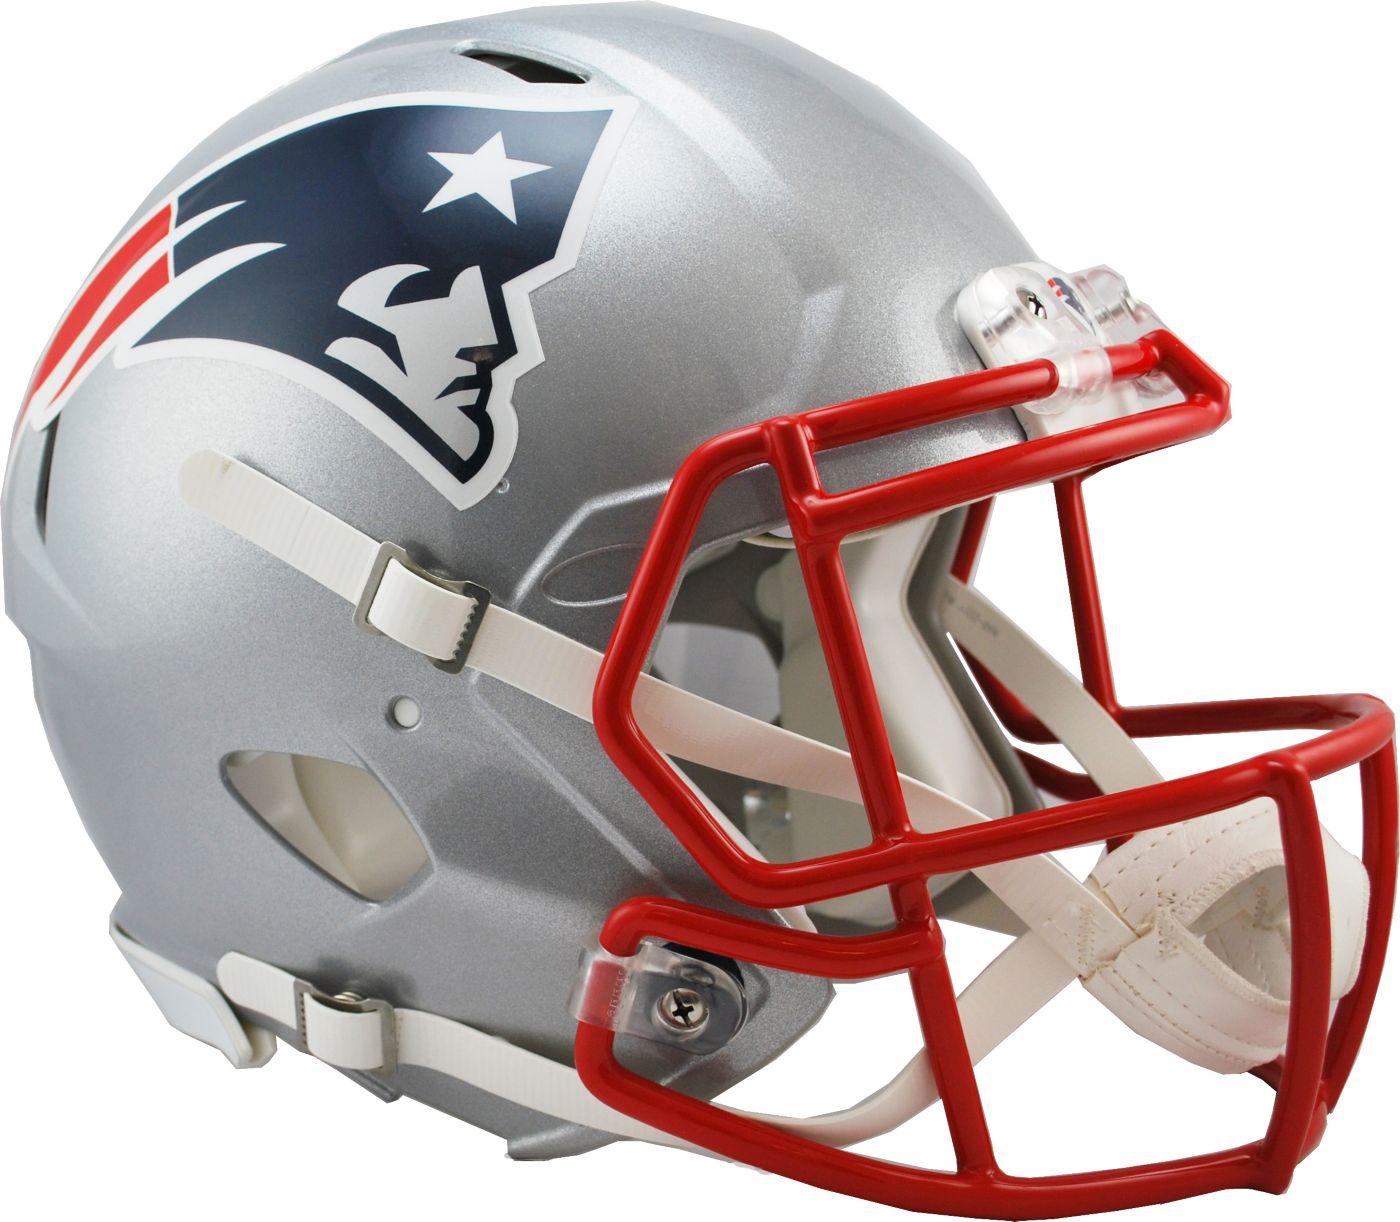 Riddell New England Patriots Revolution Speed Football Helmet